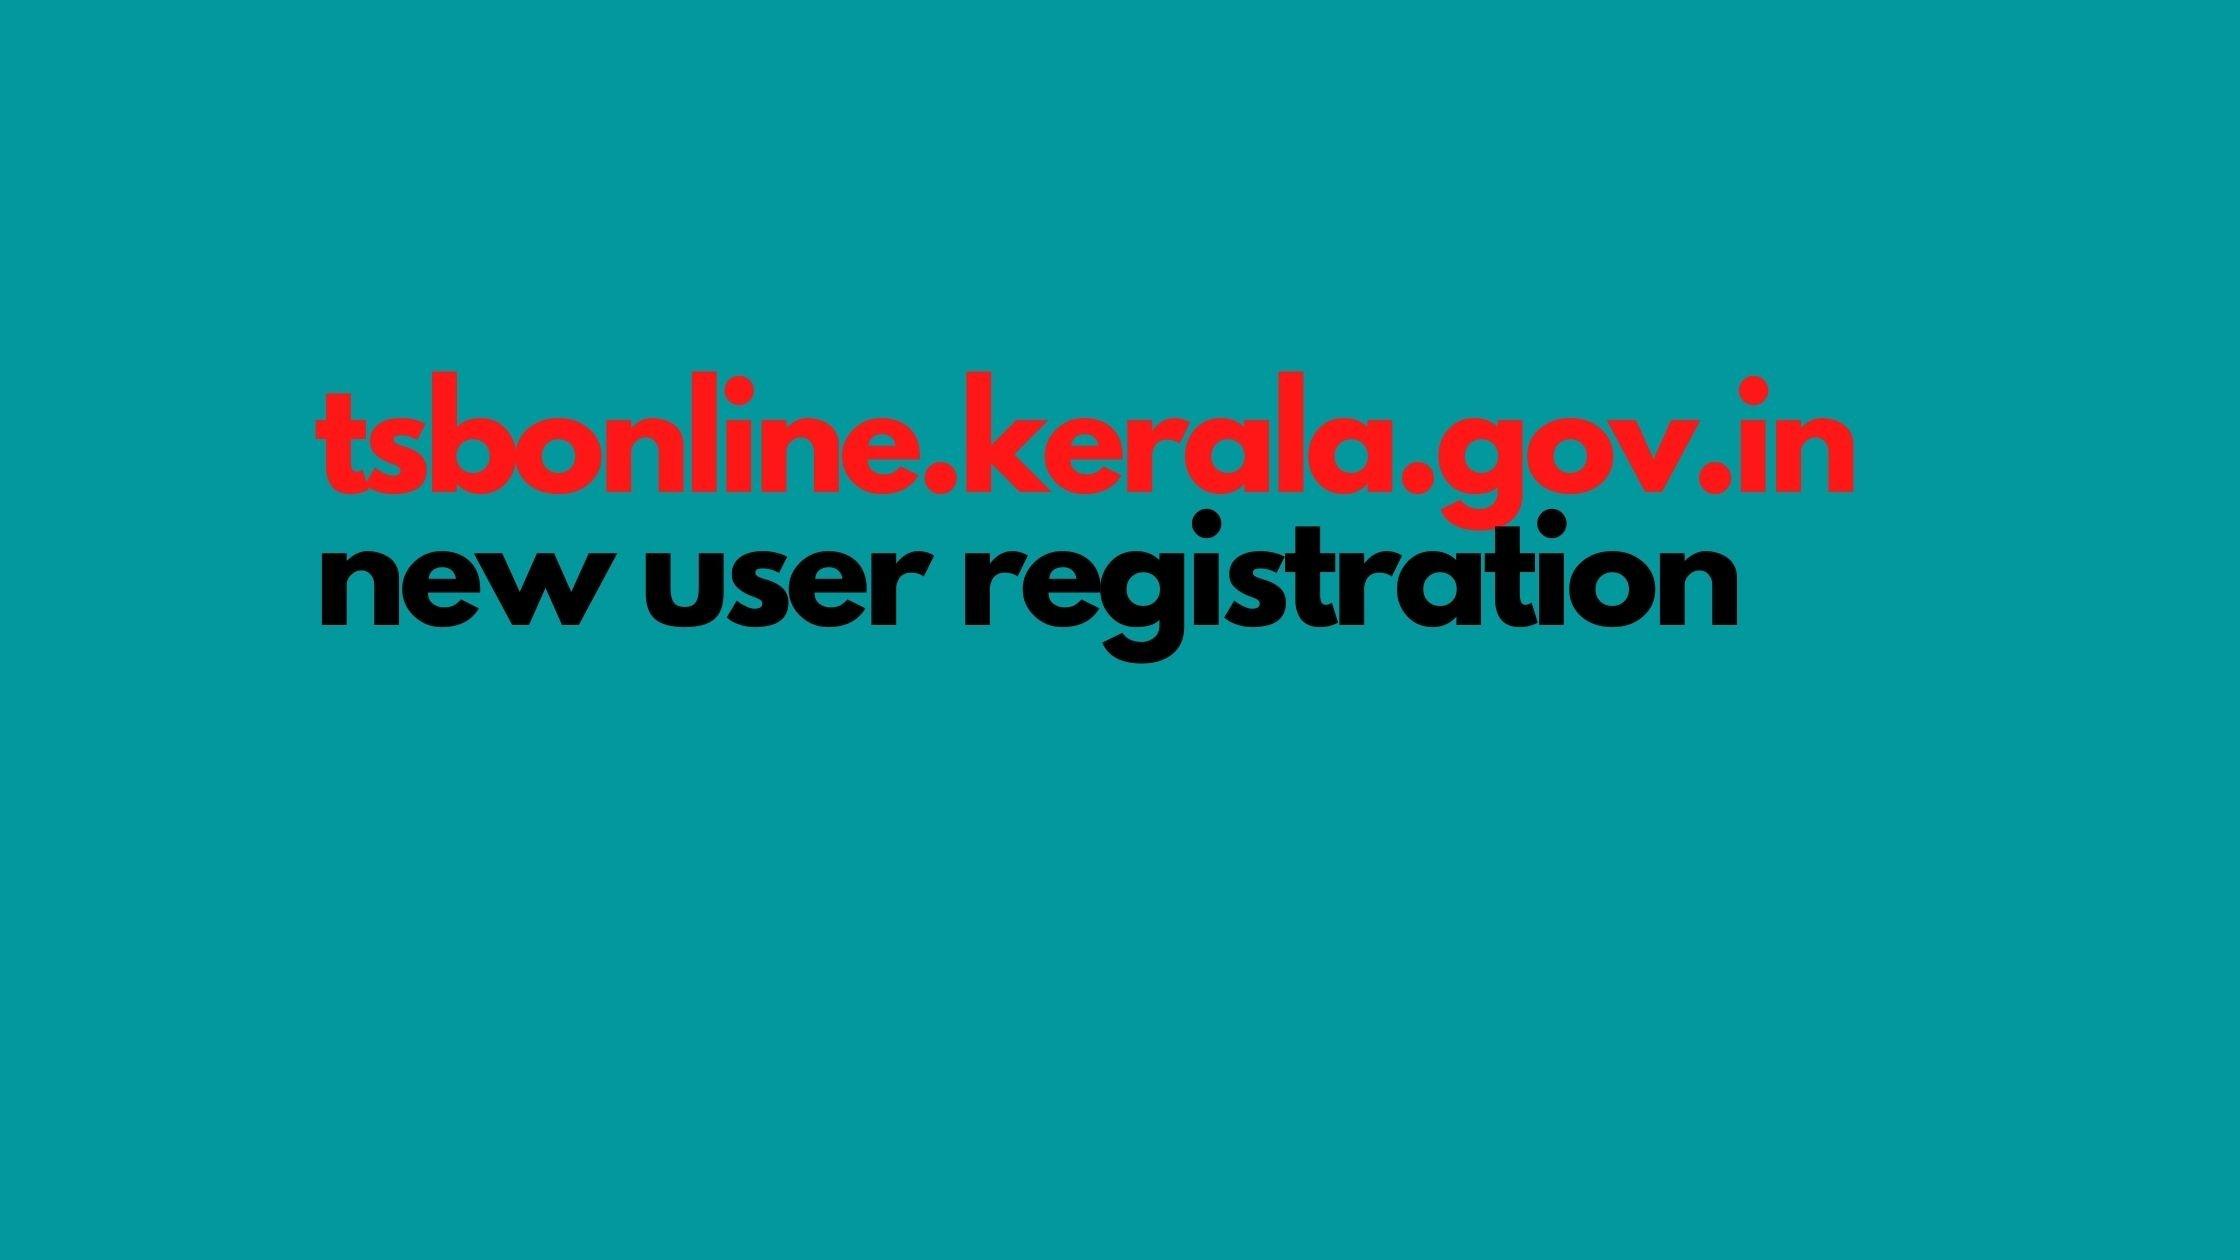 tsbonline.kerala.gov.in new user registration